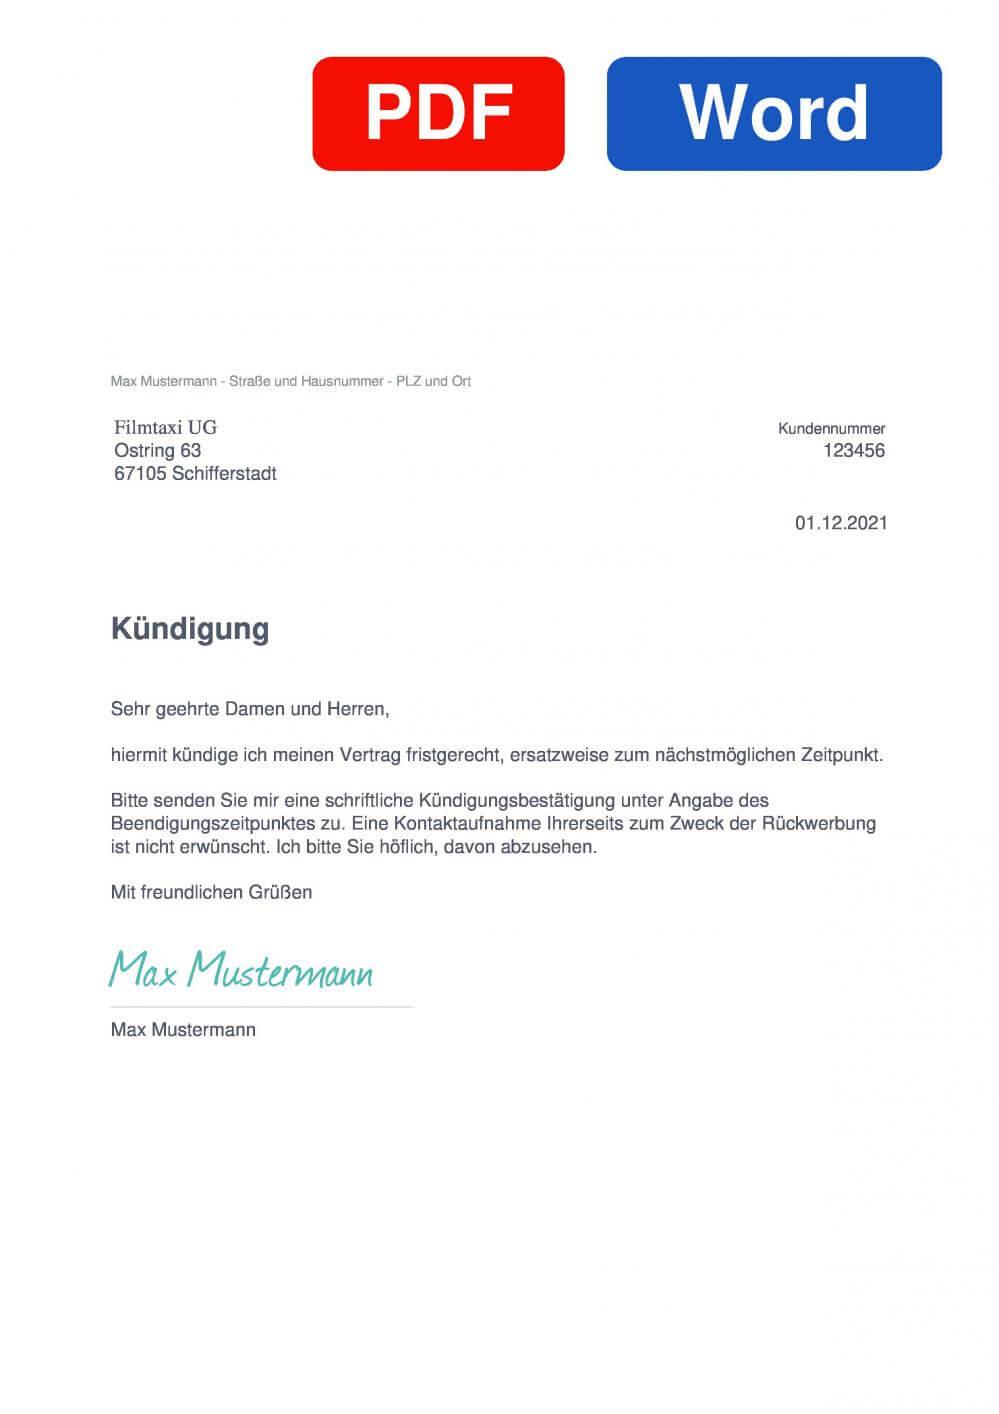 Filmtaxi.de Muster Vorlage für Kündigungsschreiben